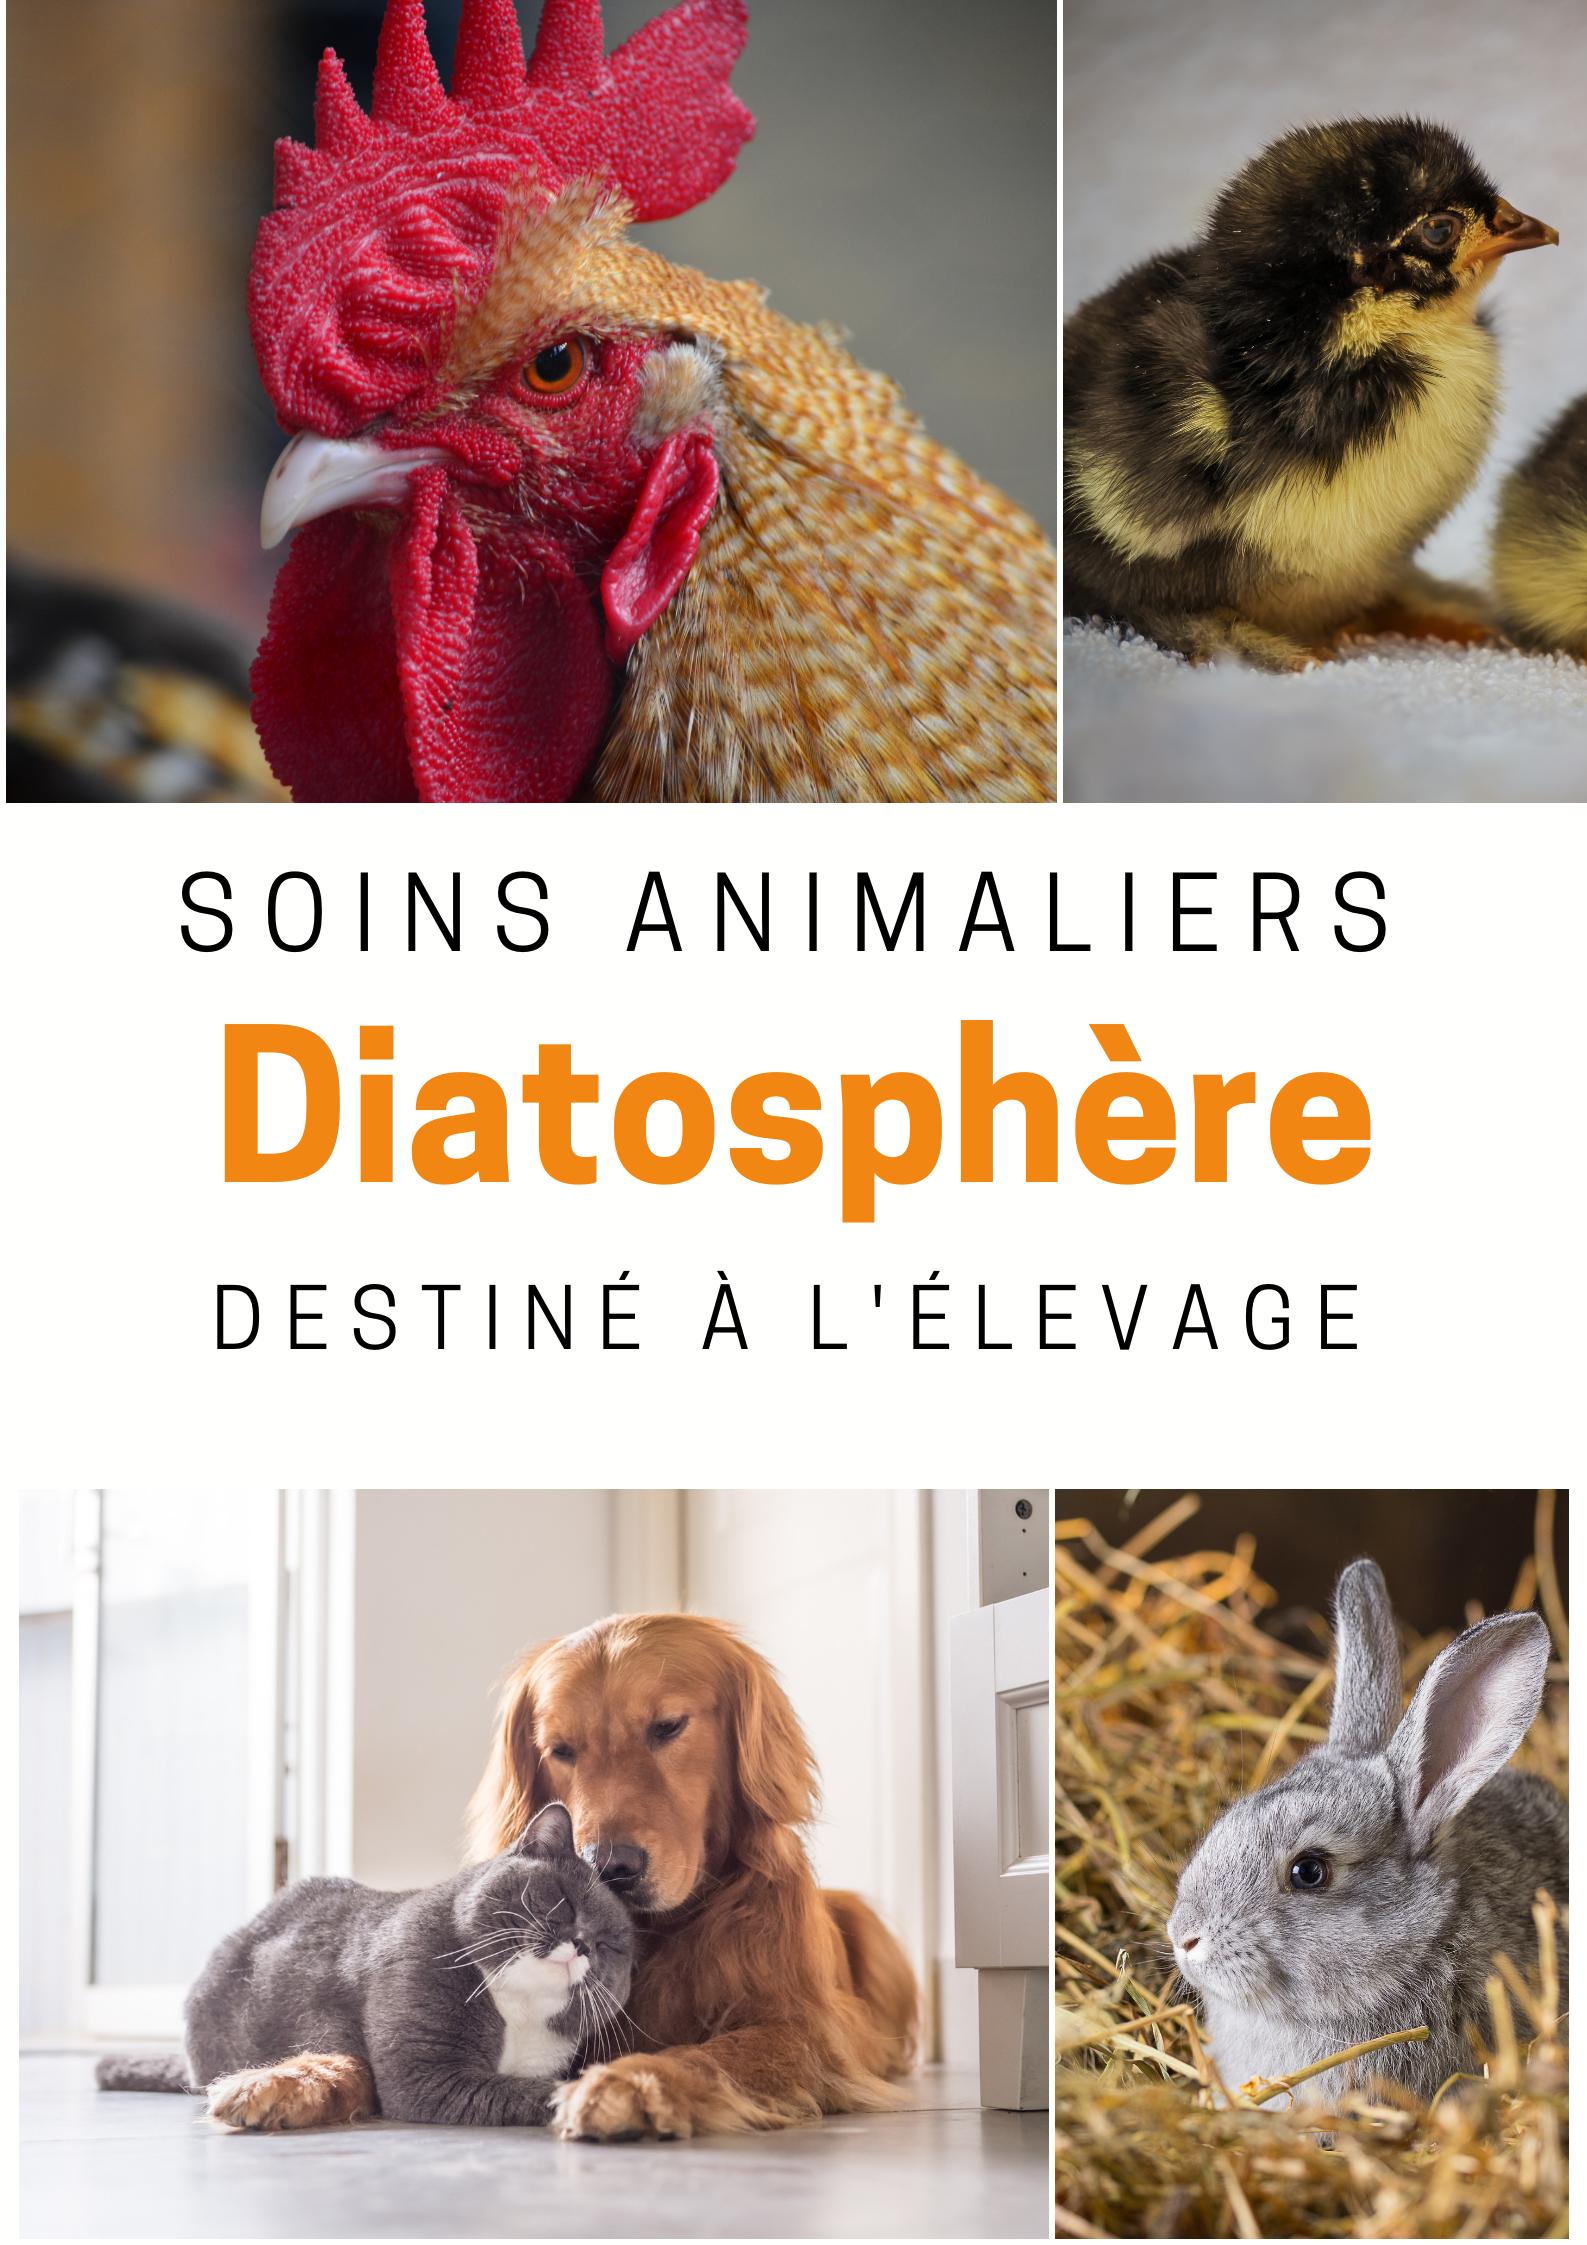 Catalogue diatosphère